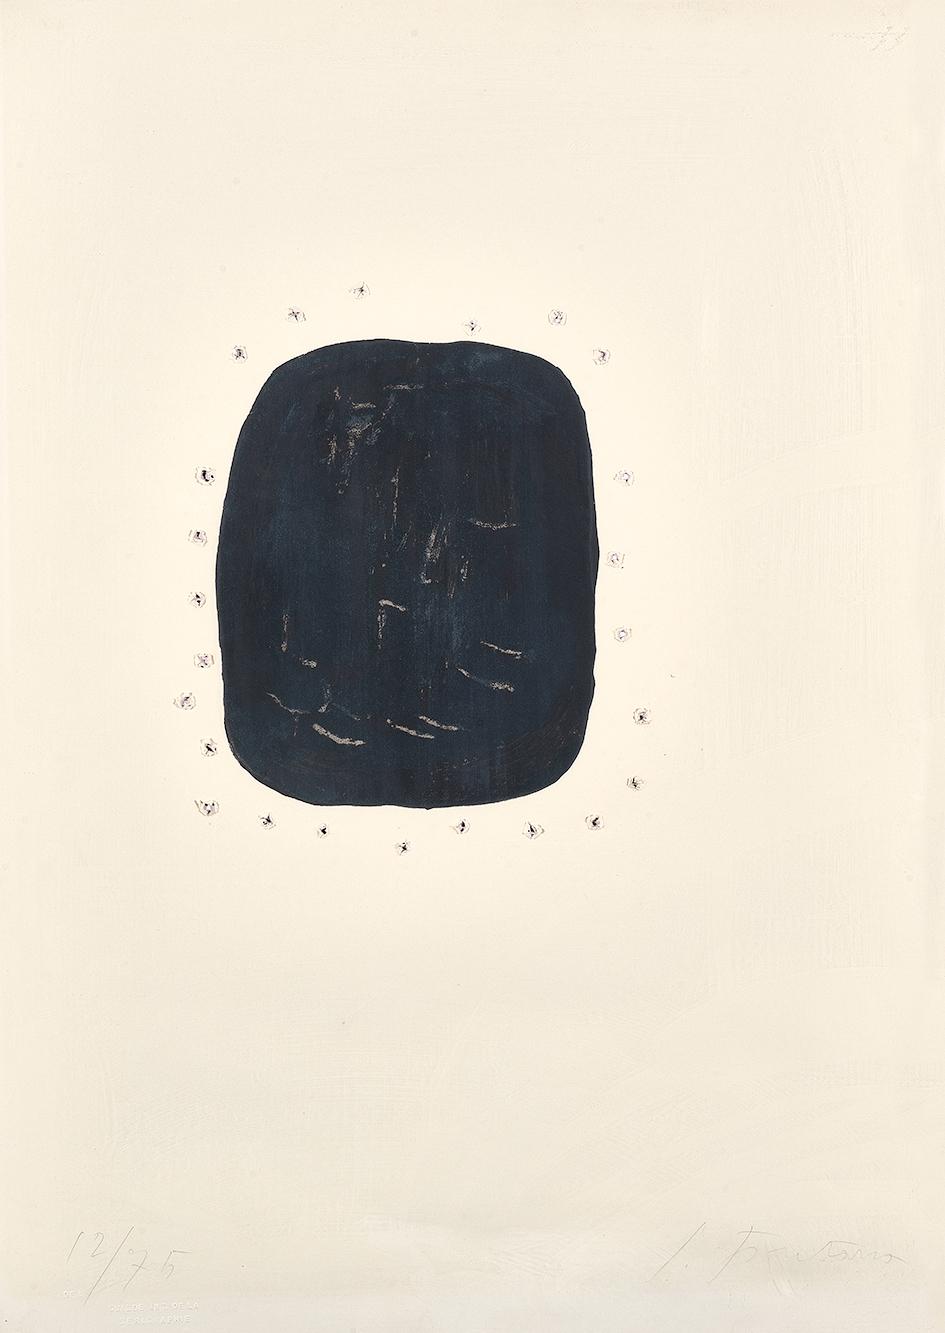 Fontana Lucio, Concetto spaziale (Noir avec trous extérieurs)